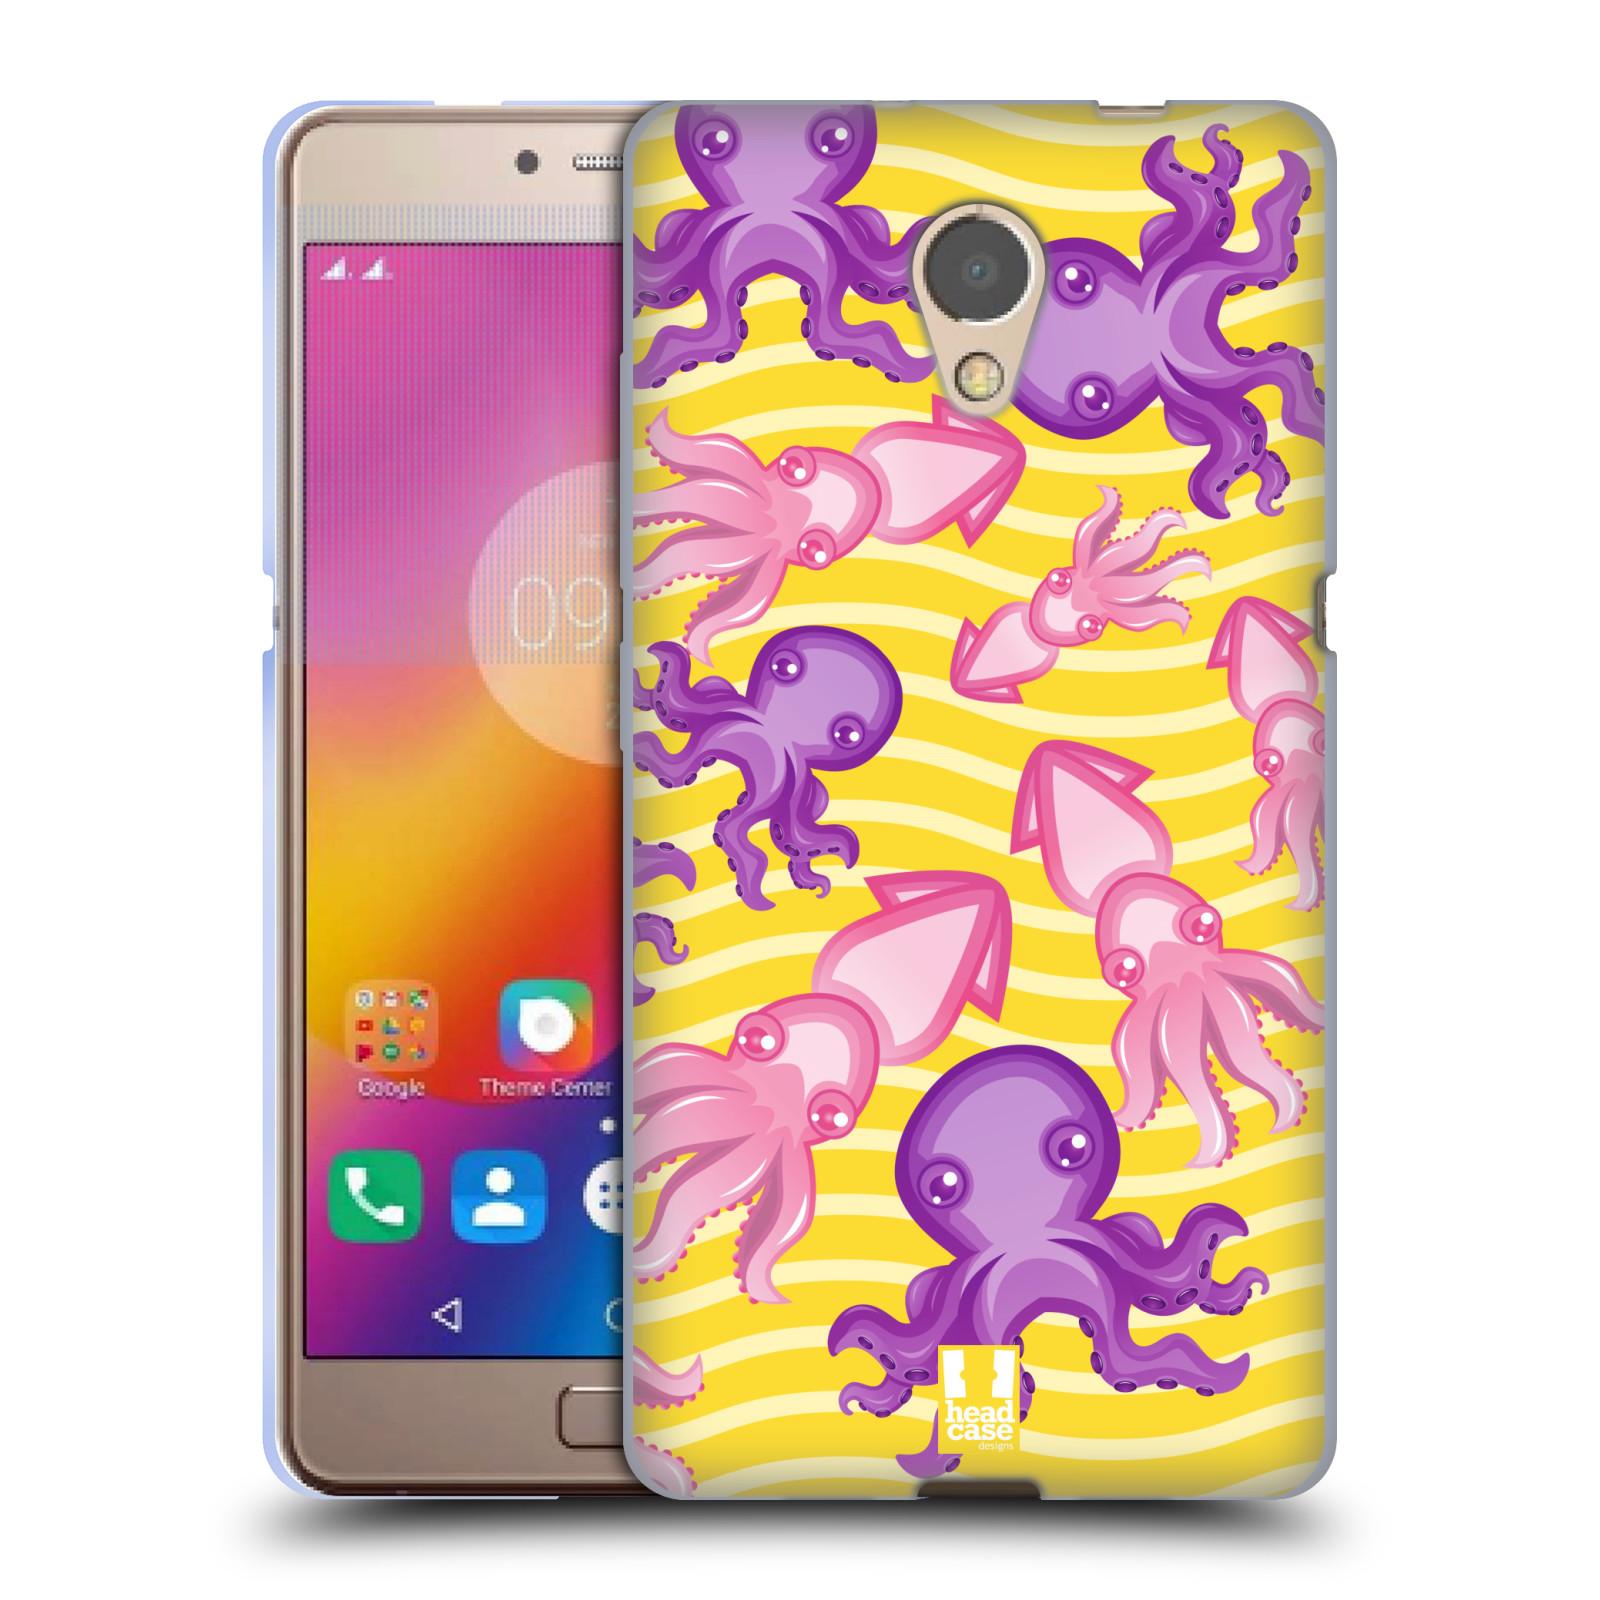 HEAD CASE silikonový obal na mobil Lenovo Vibe P2 vzor mořský živočich  chobotnice 2e9a9ba5fb8